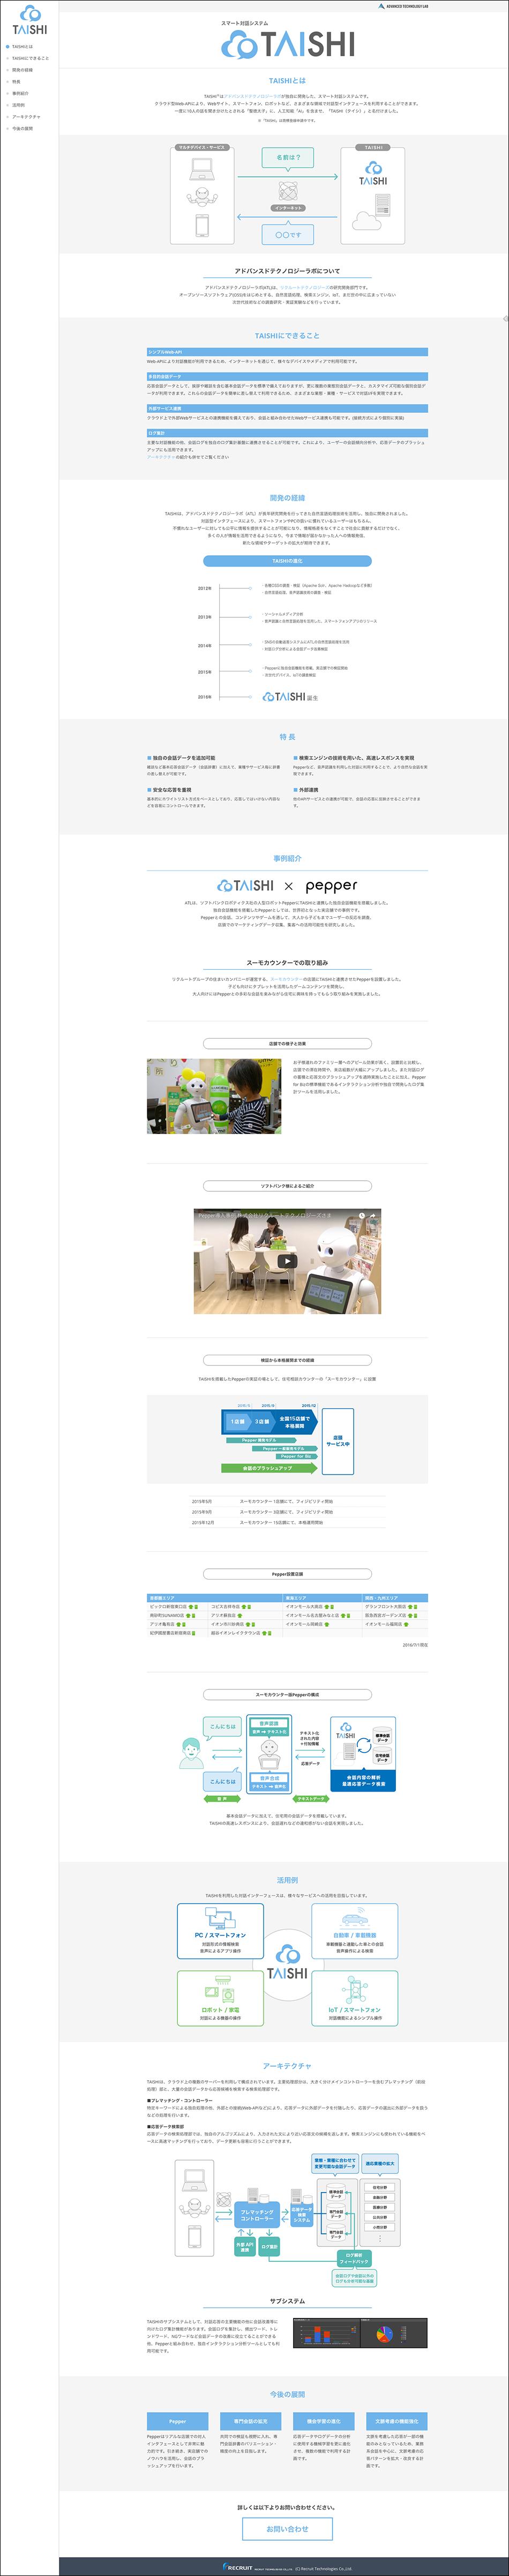 画像:ロゴデザイン&紹介サイト制作 – スマート対話システム「TAISHI」/リクルートテクノロジーズ